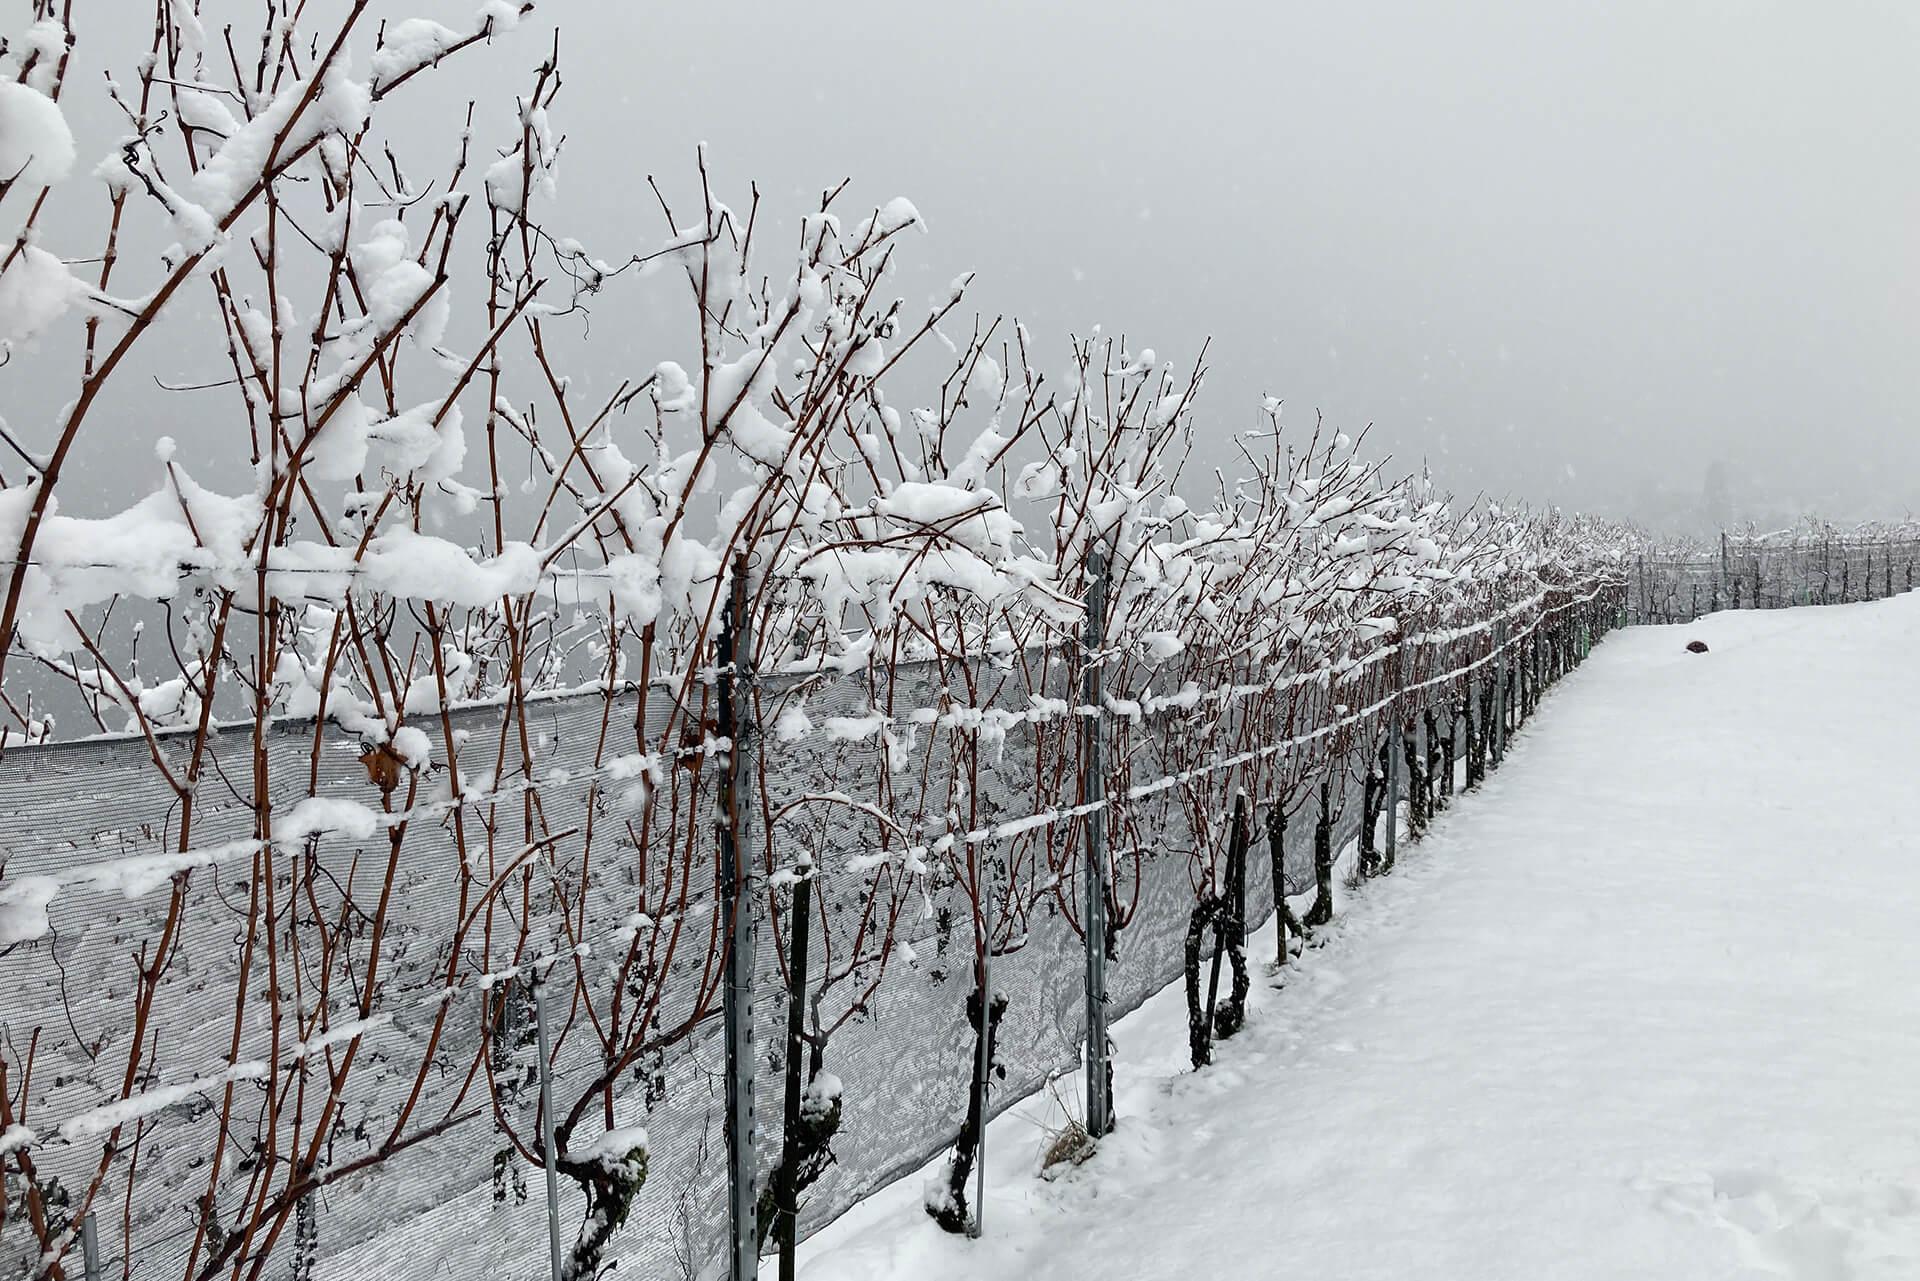 Rebberg Mariahalden im Winter im Schnee.